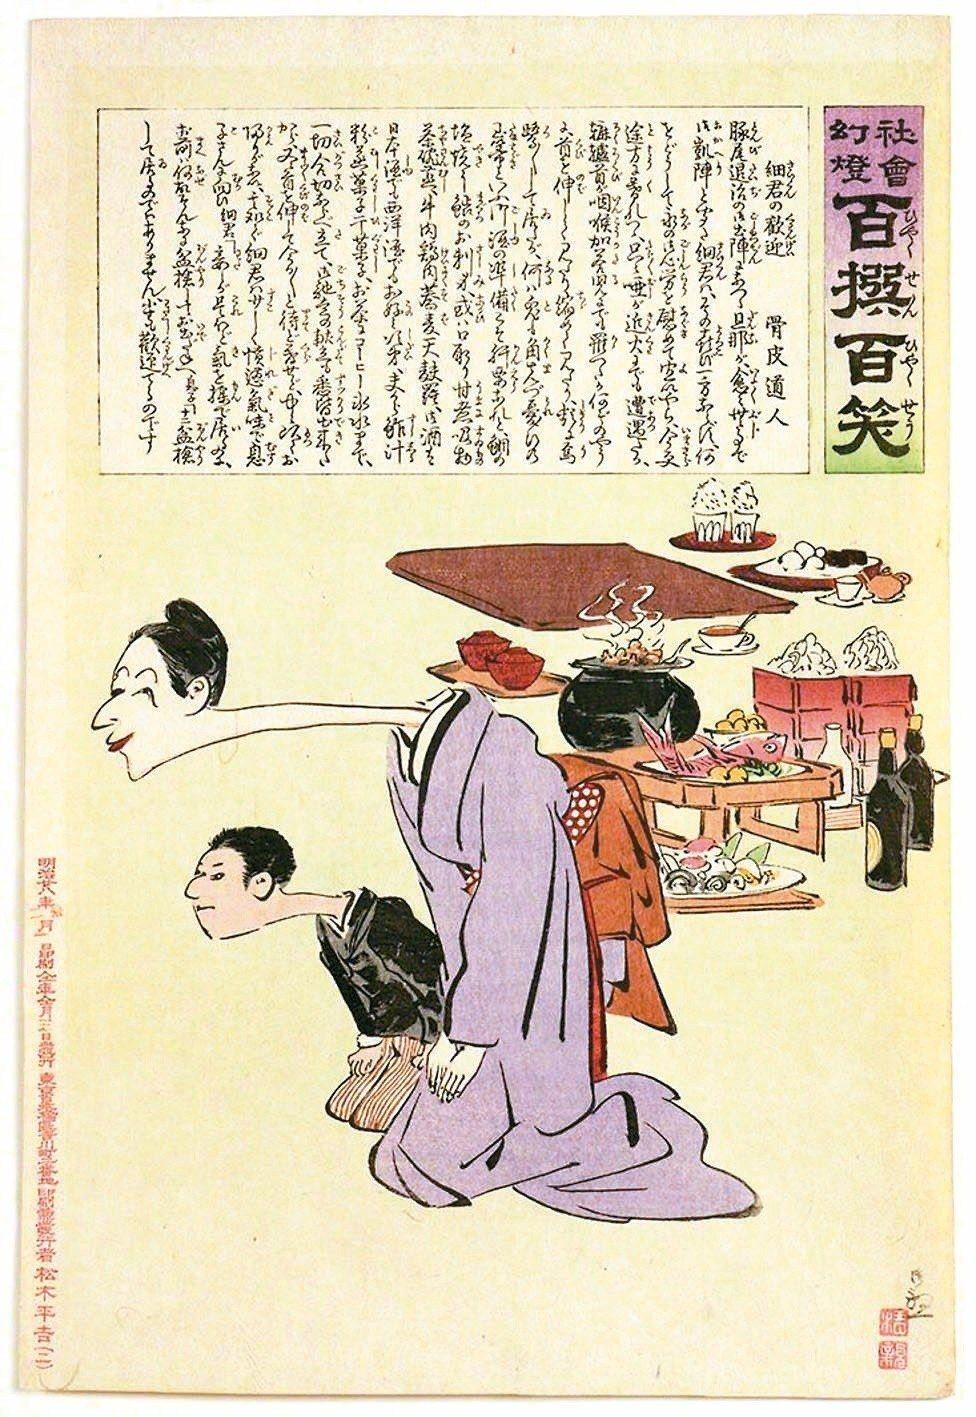 圖4:〈細君之歡迎〉,小林清親畫‧西森武城文,1895年。